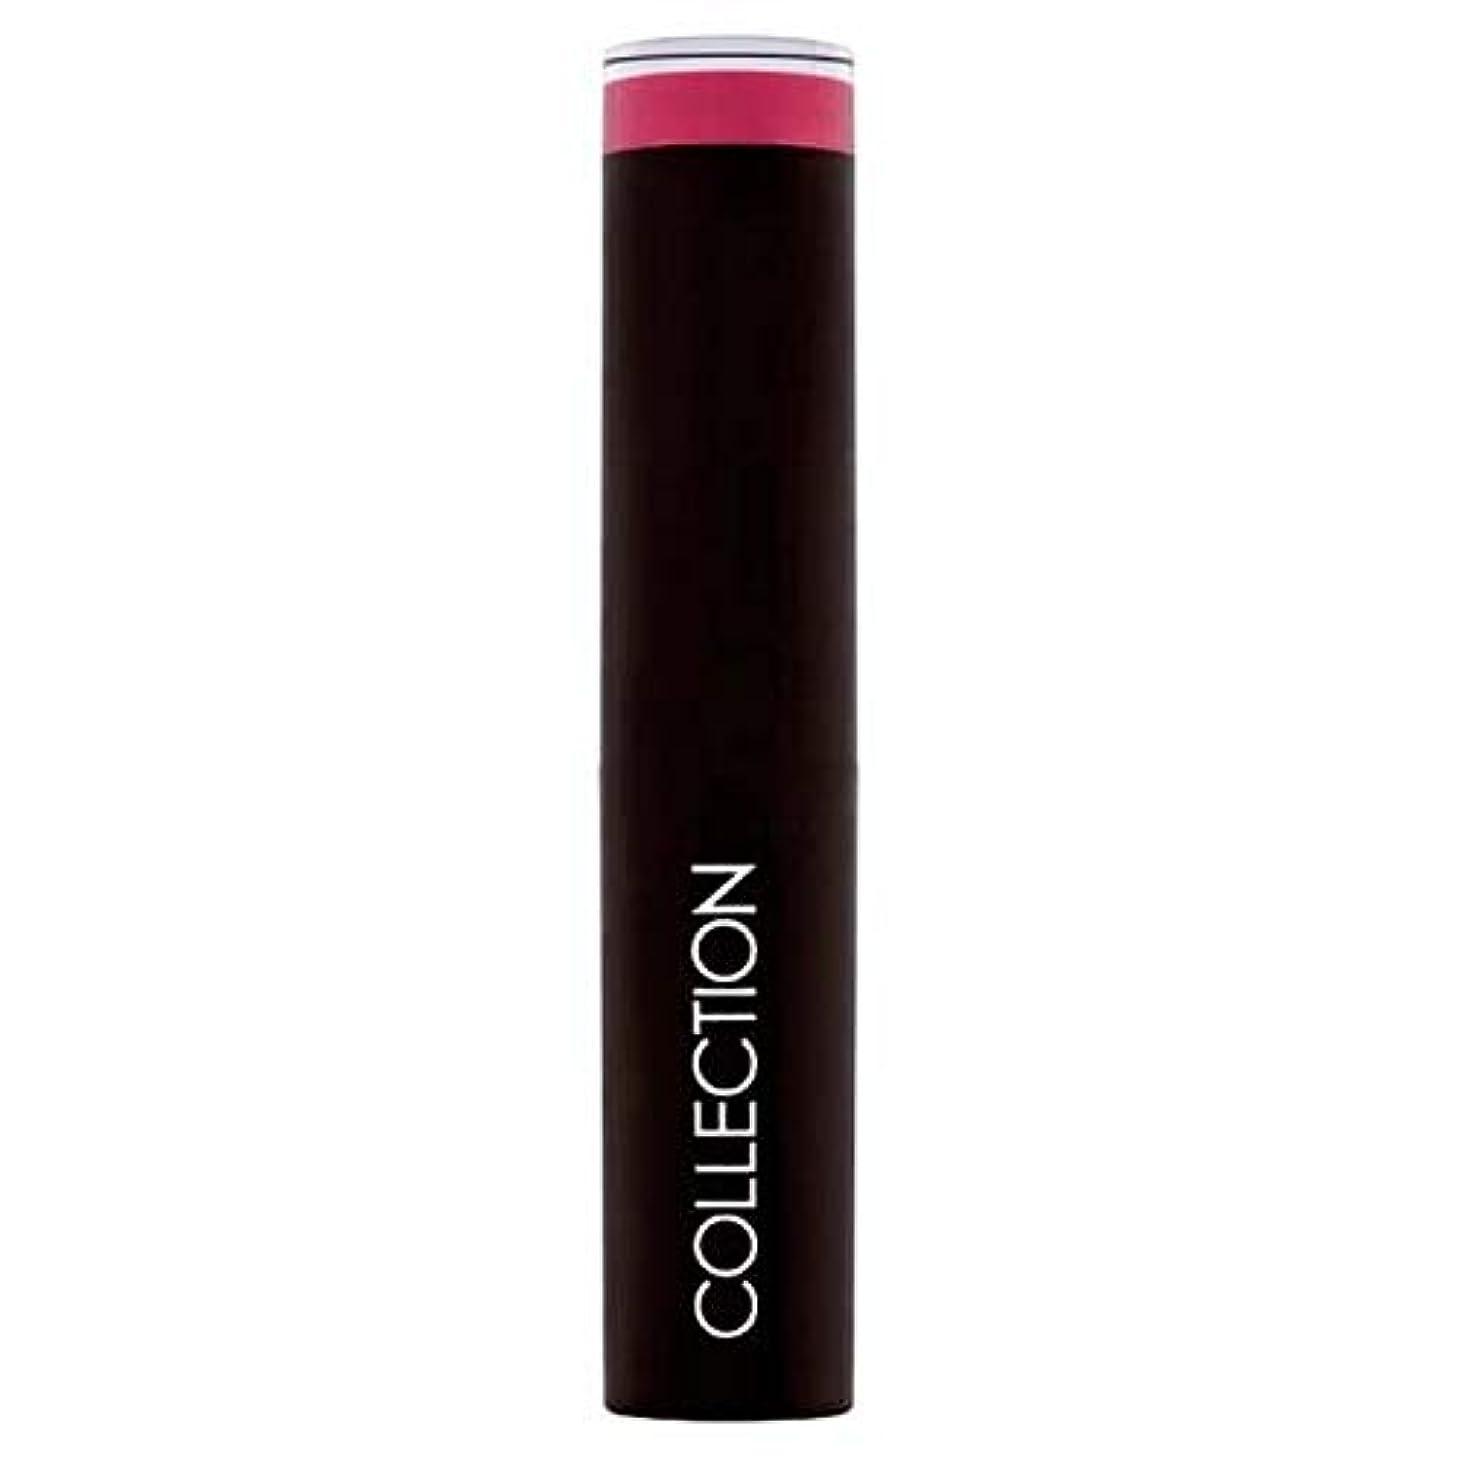 リフトベッドカール[Collection ] コレクション強烈な輝きゲル口紅桑バースト4 - Collection Intense Shine Gel Lipstick Mulberry Burst 4 [並行輸入品]